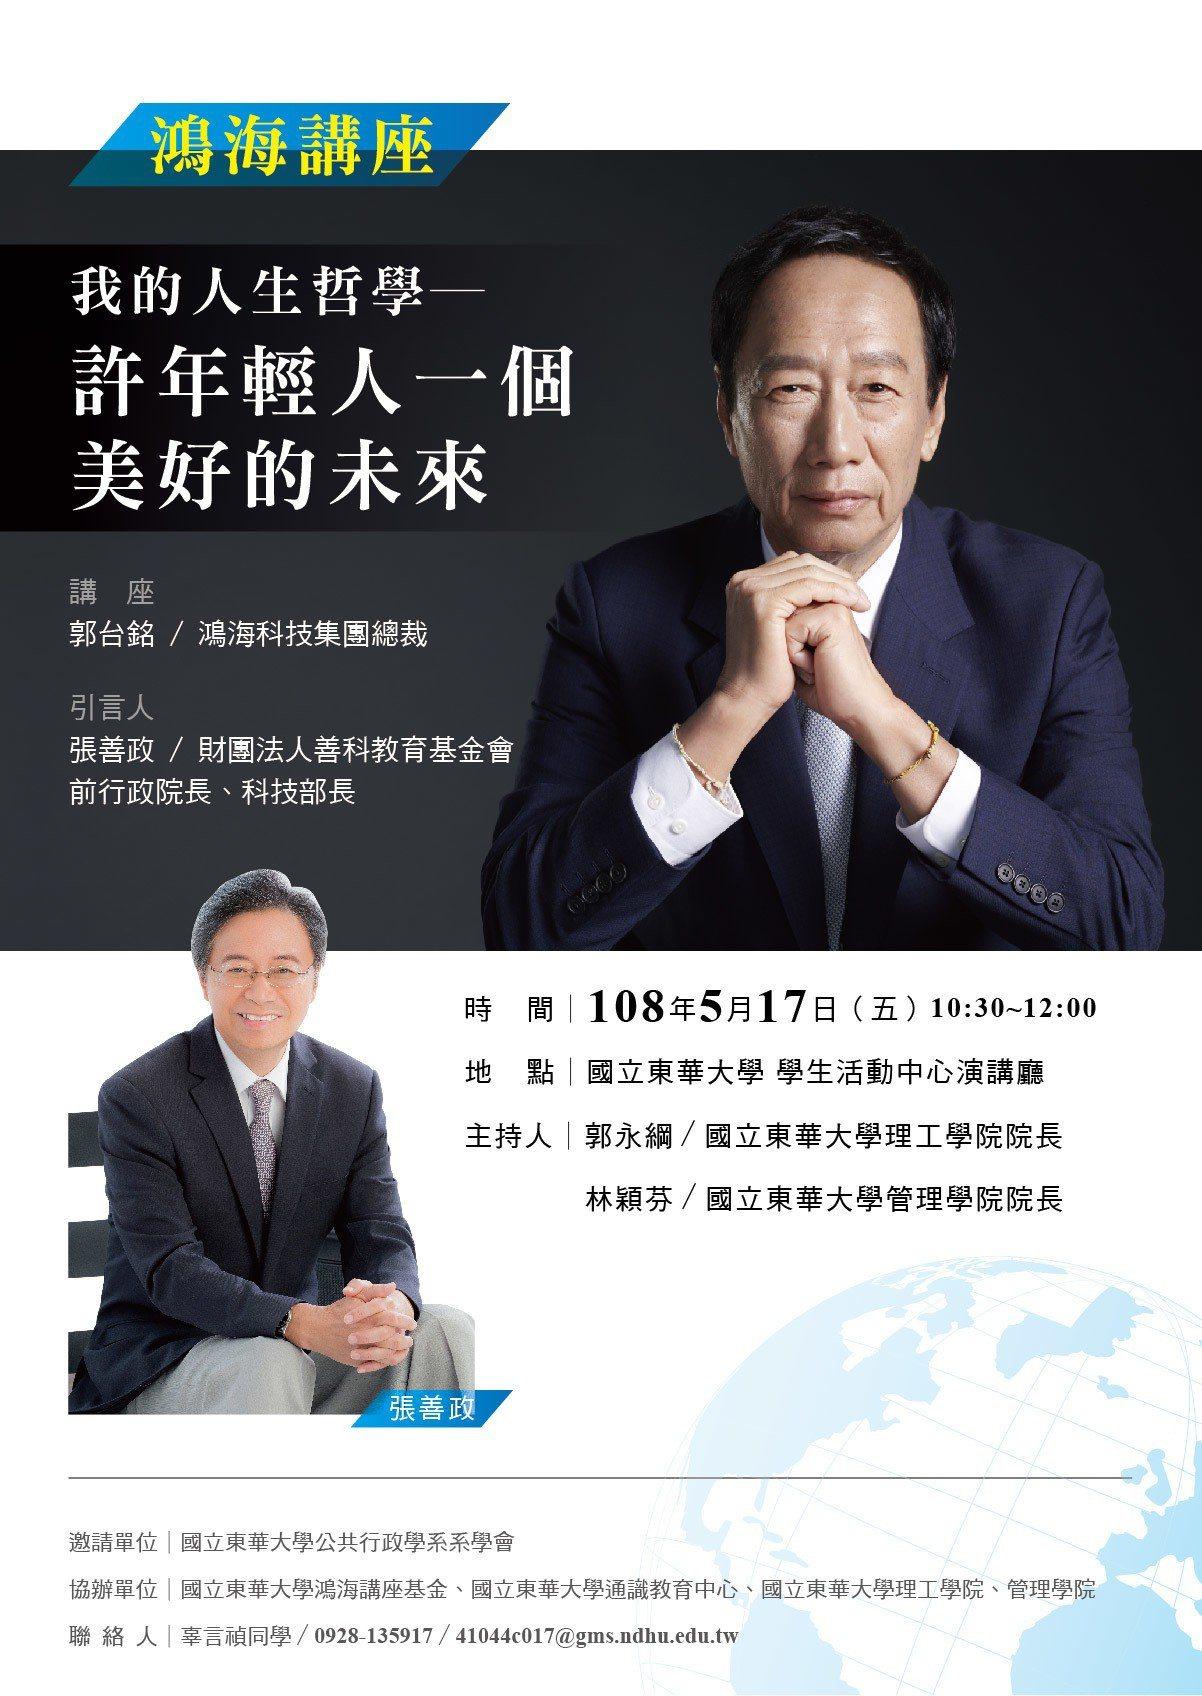 明日鴻海集團總裁郭台銘到東華大學演講,前行政院長張善政為引言人。圖/東華大學提供